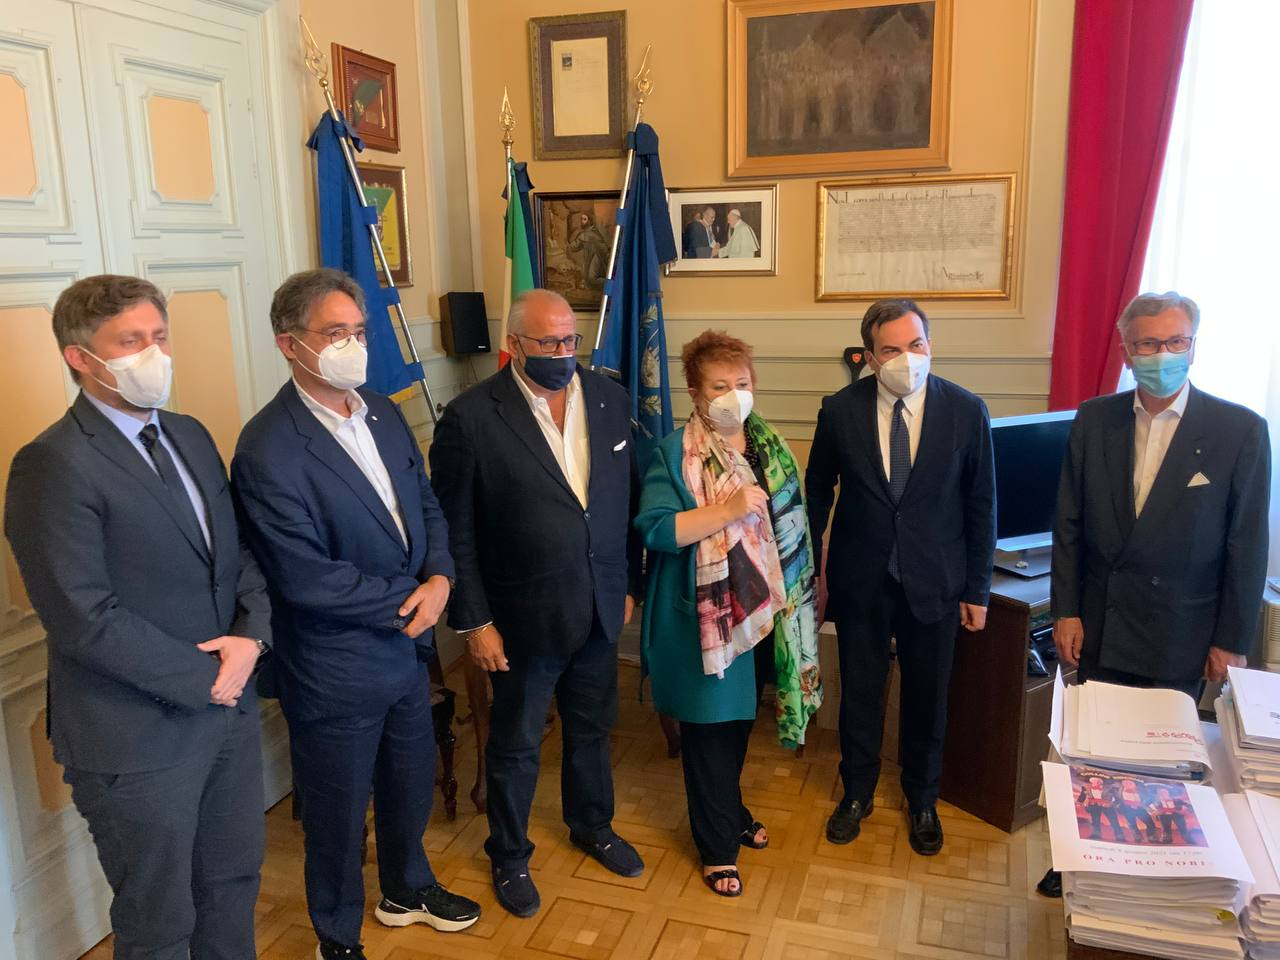 Immagine per Roma tende la mano a Gorizia per il 2025, sinergia sulle grandi opere